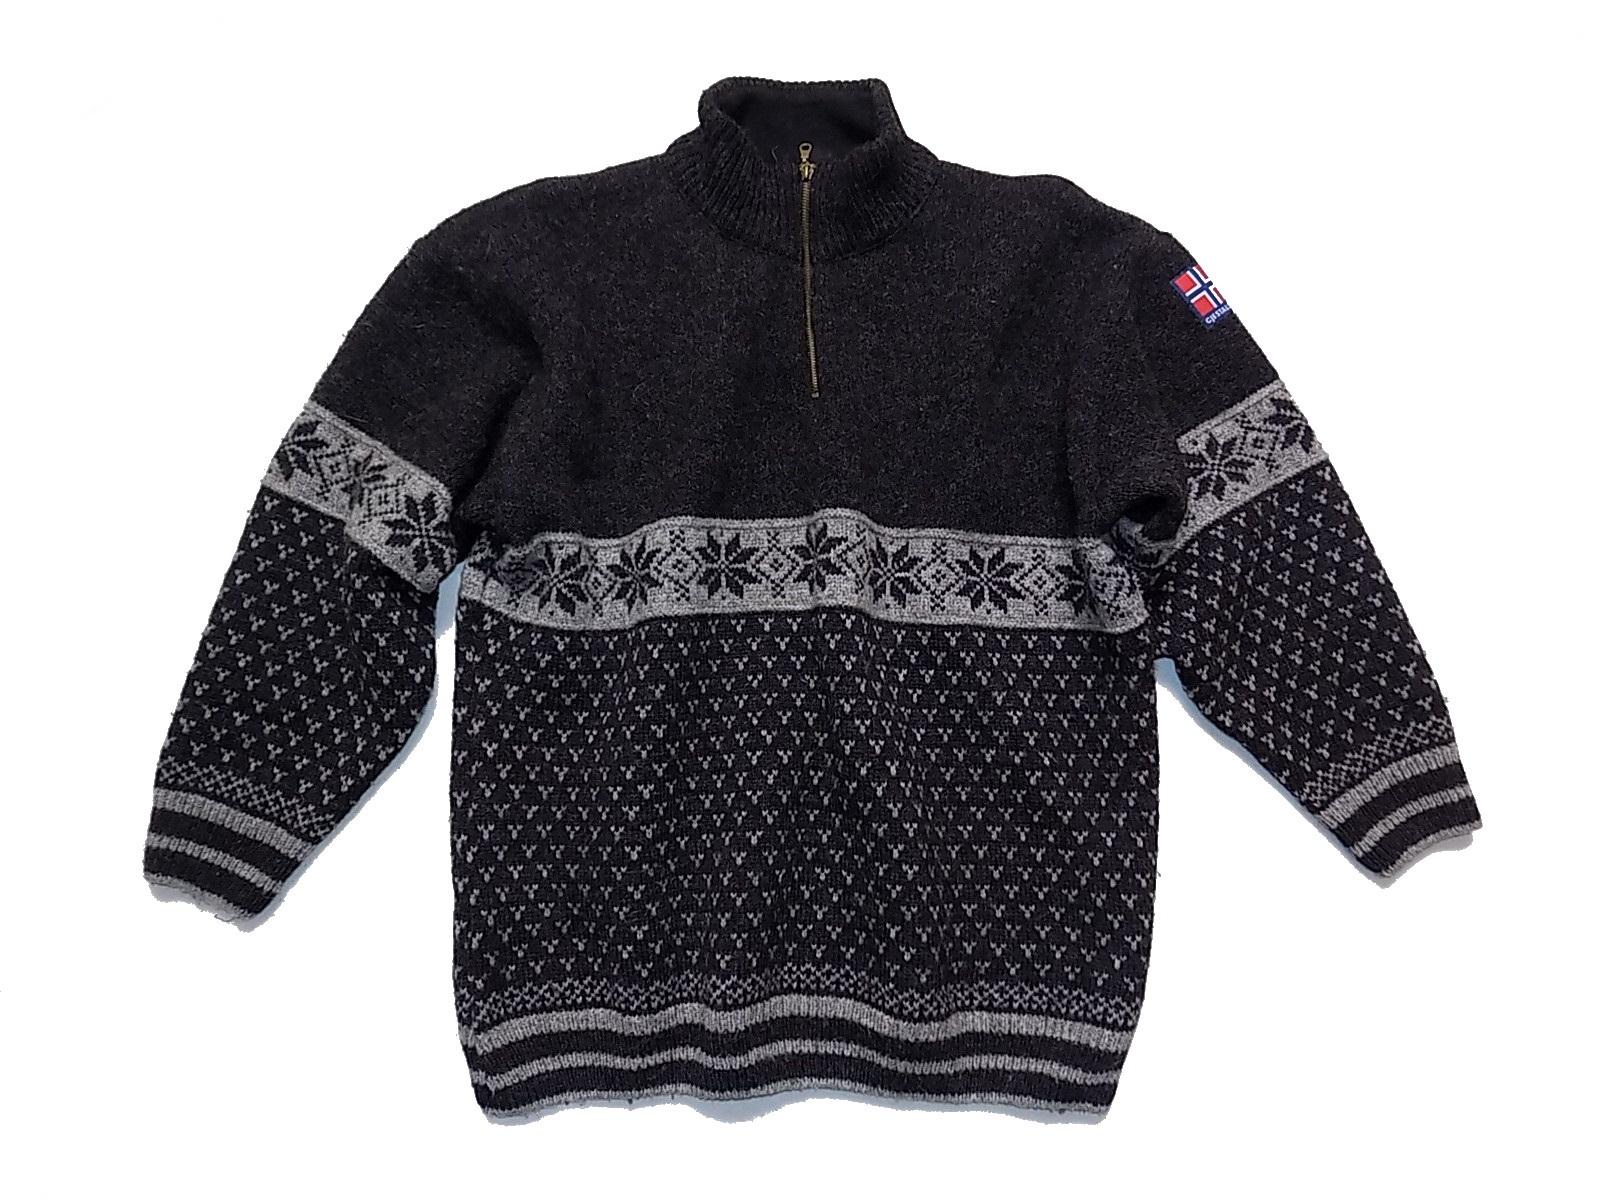 swetry doroty: października 2018